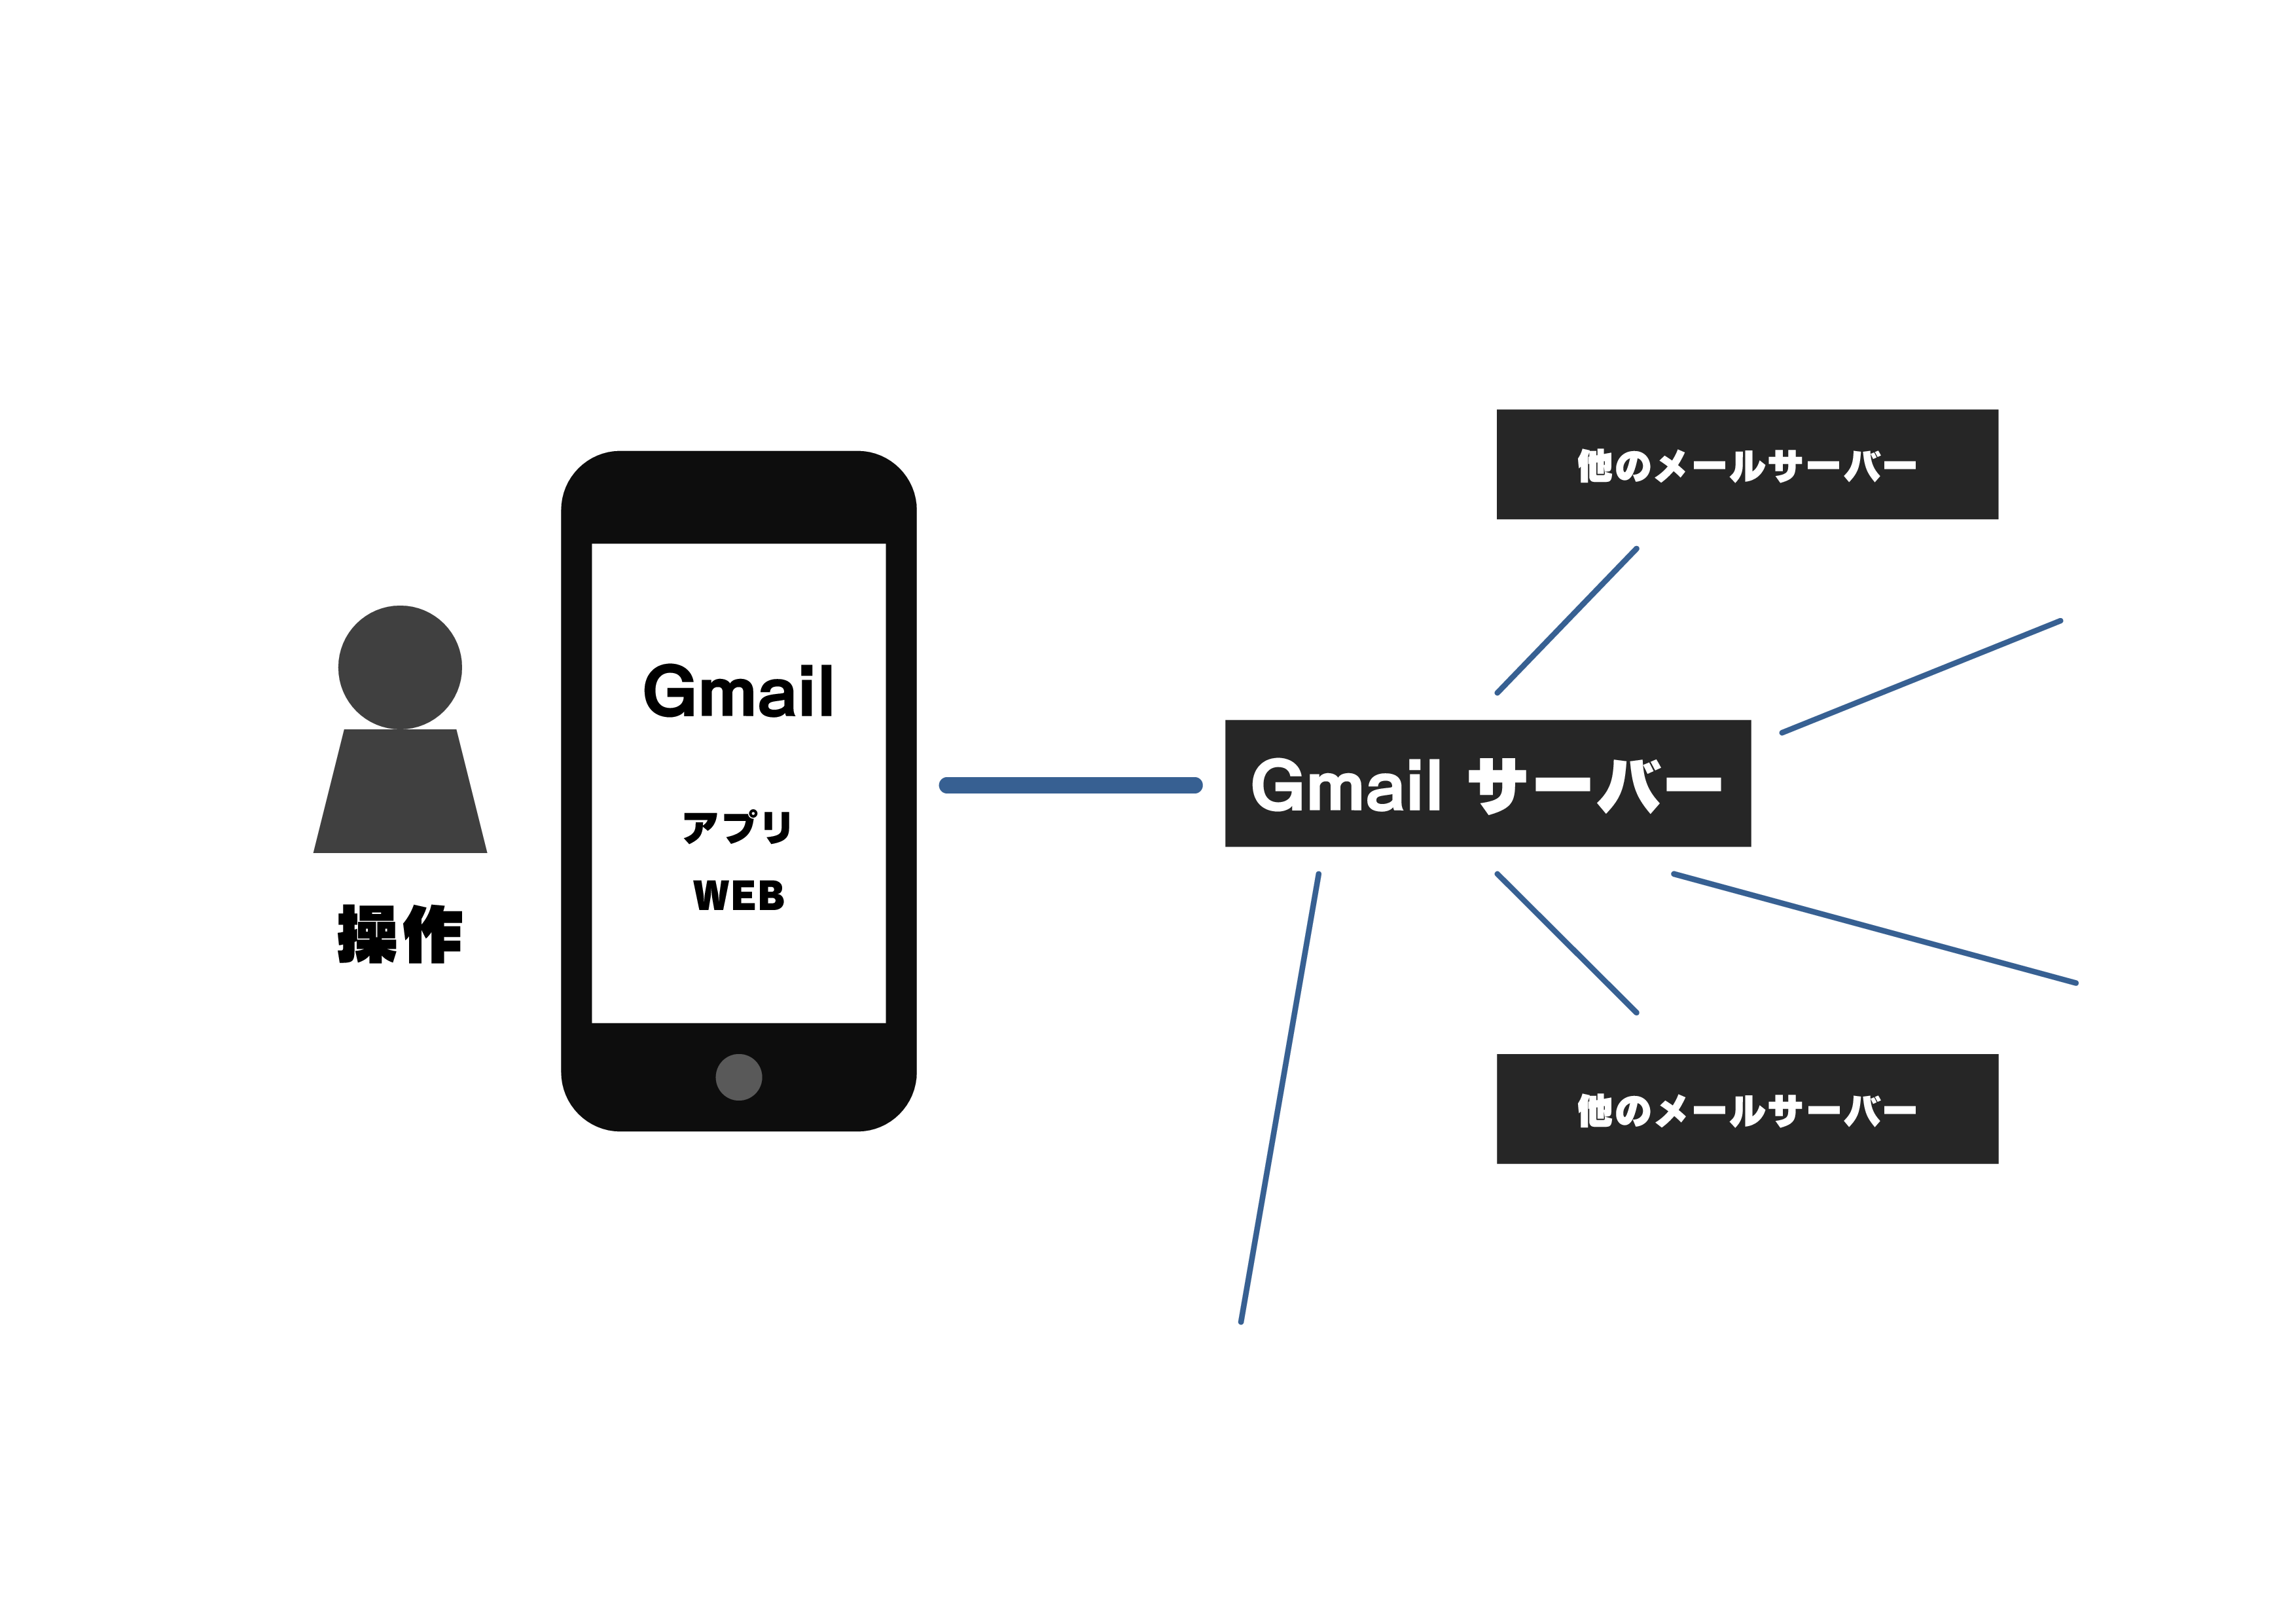 ブログのGmail説明用